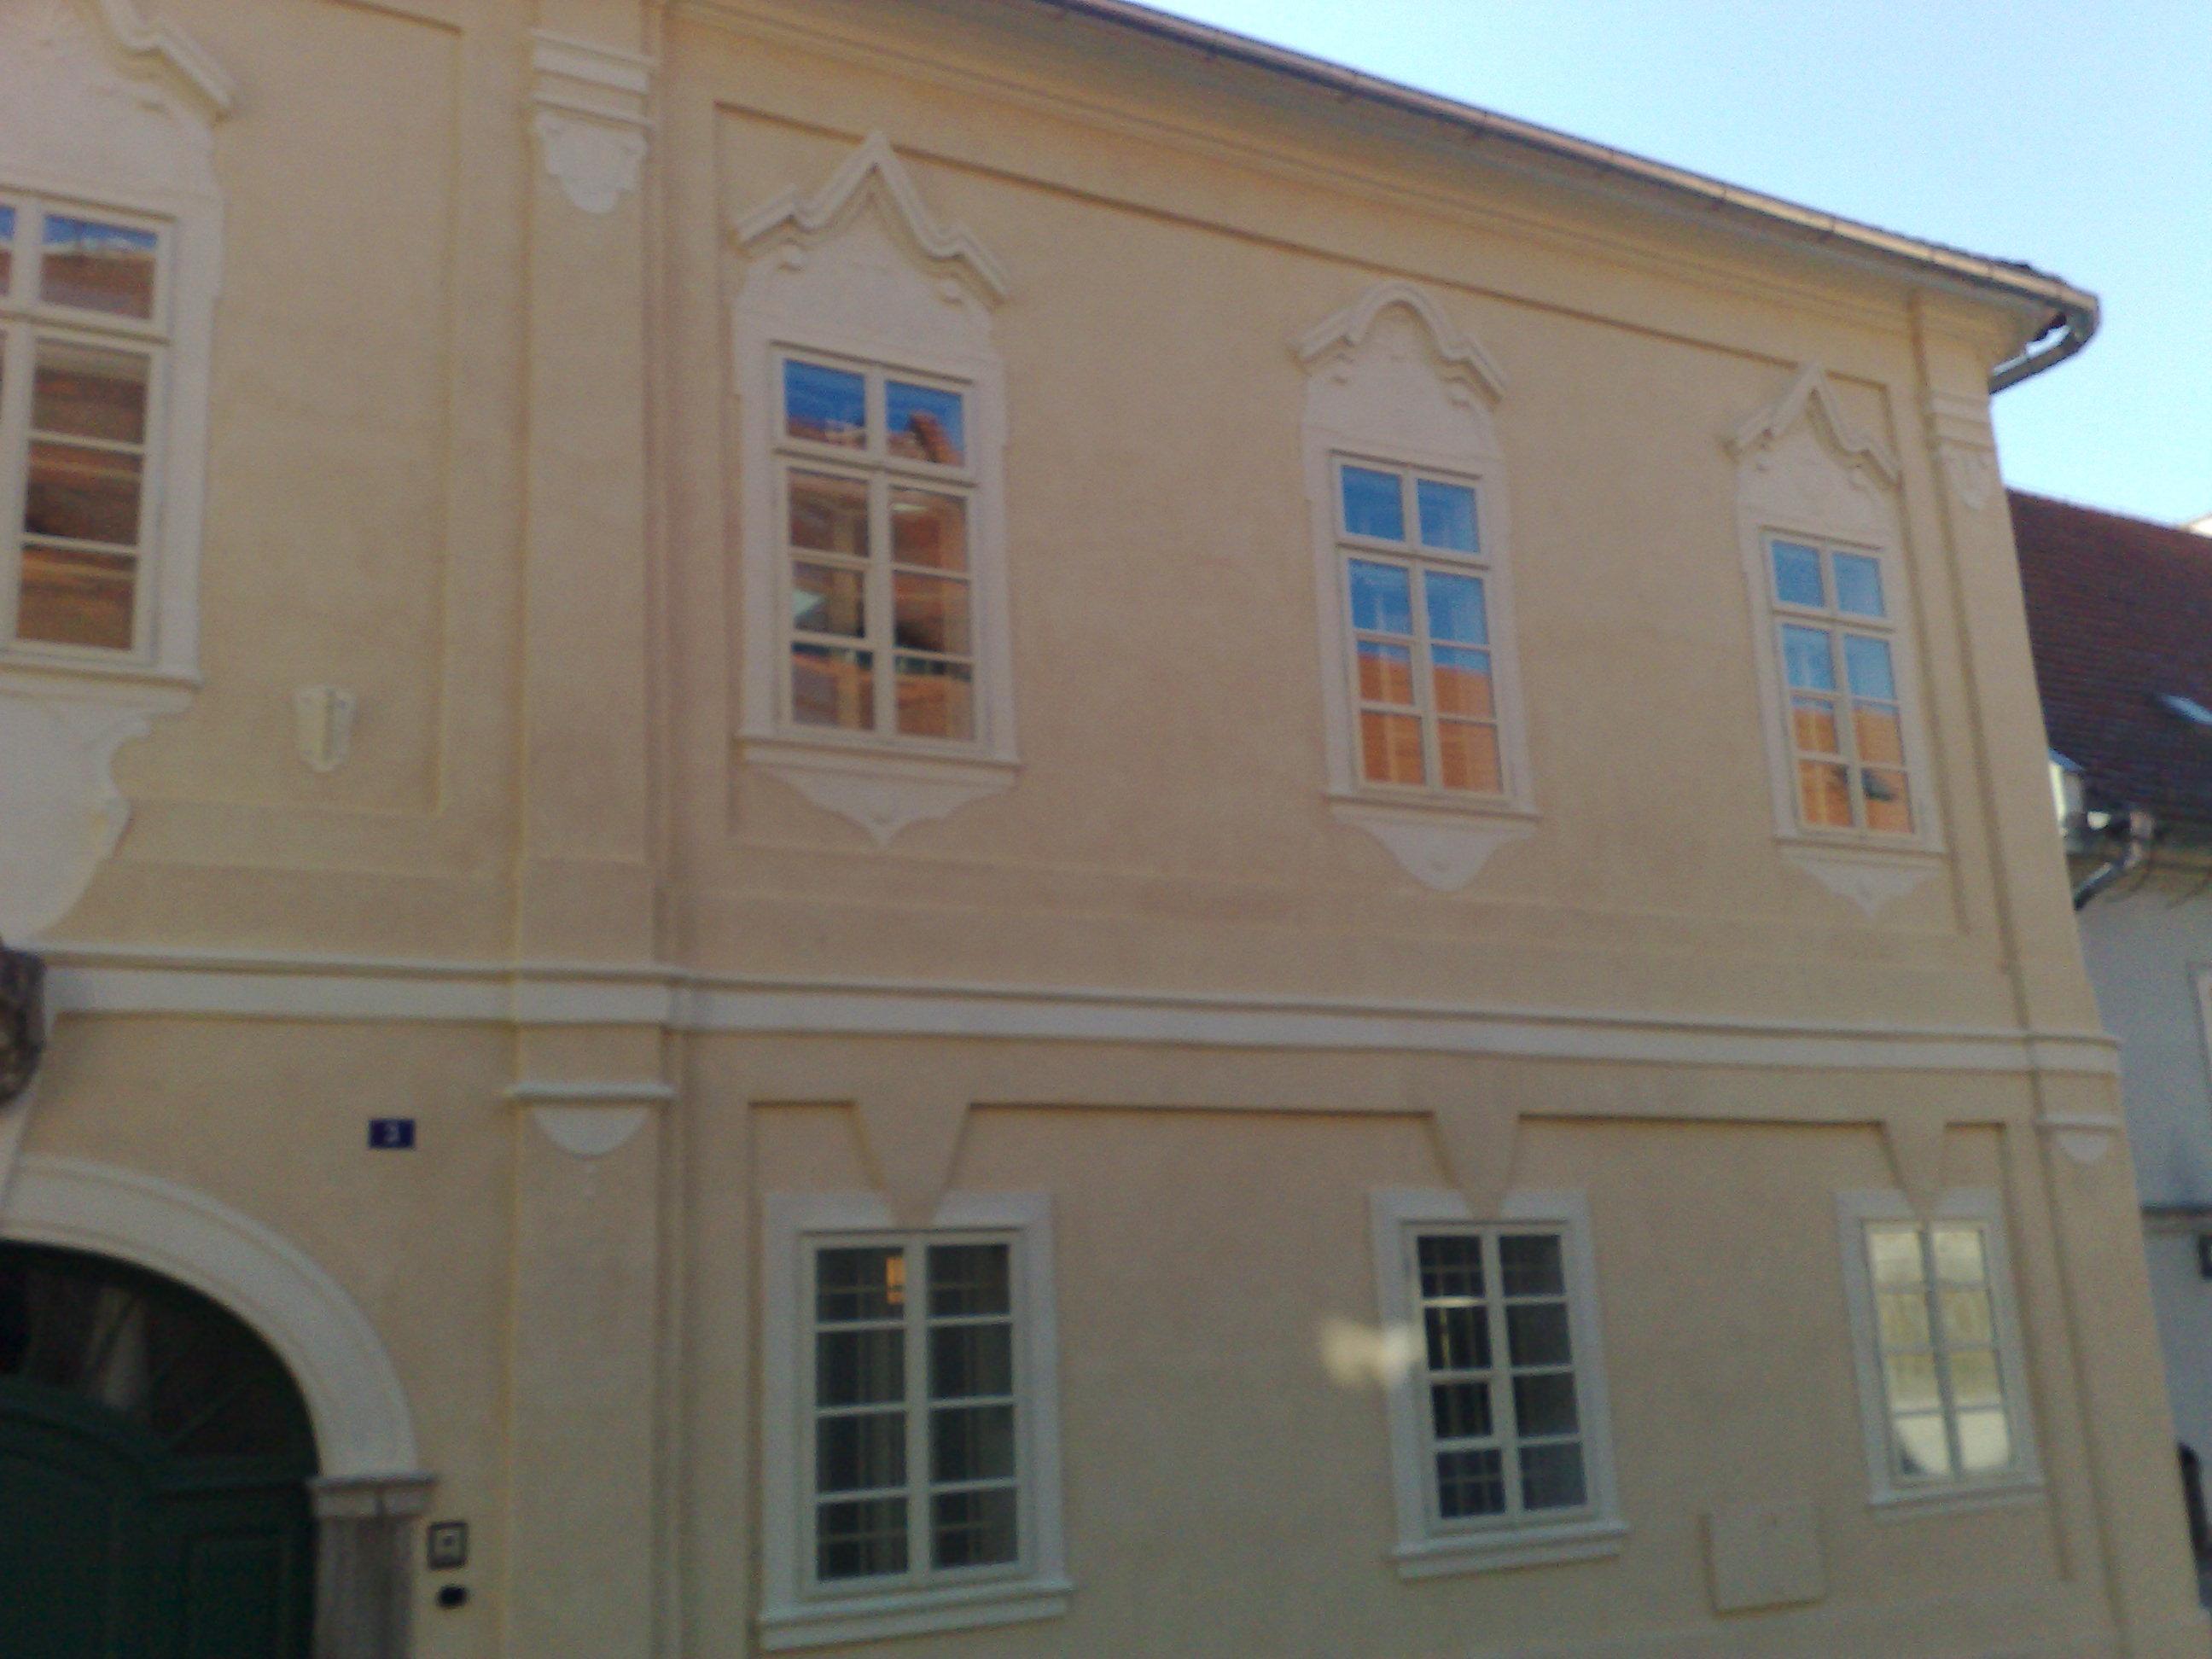 Restaurování starých oken, dveří a nábytku dodá vašemu domovu jedinečnou atmosféru